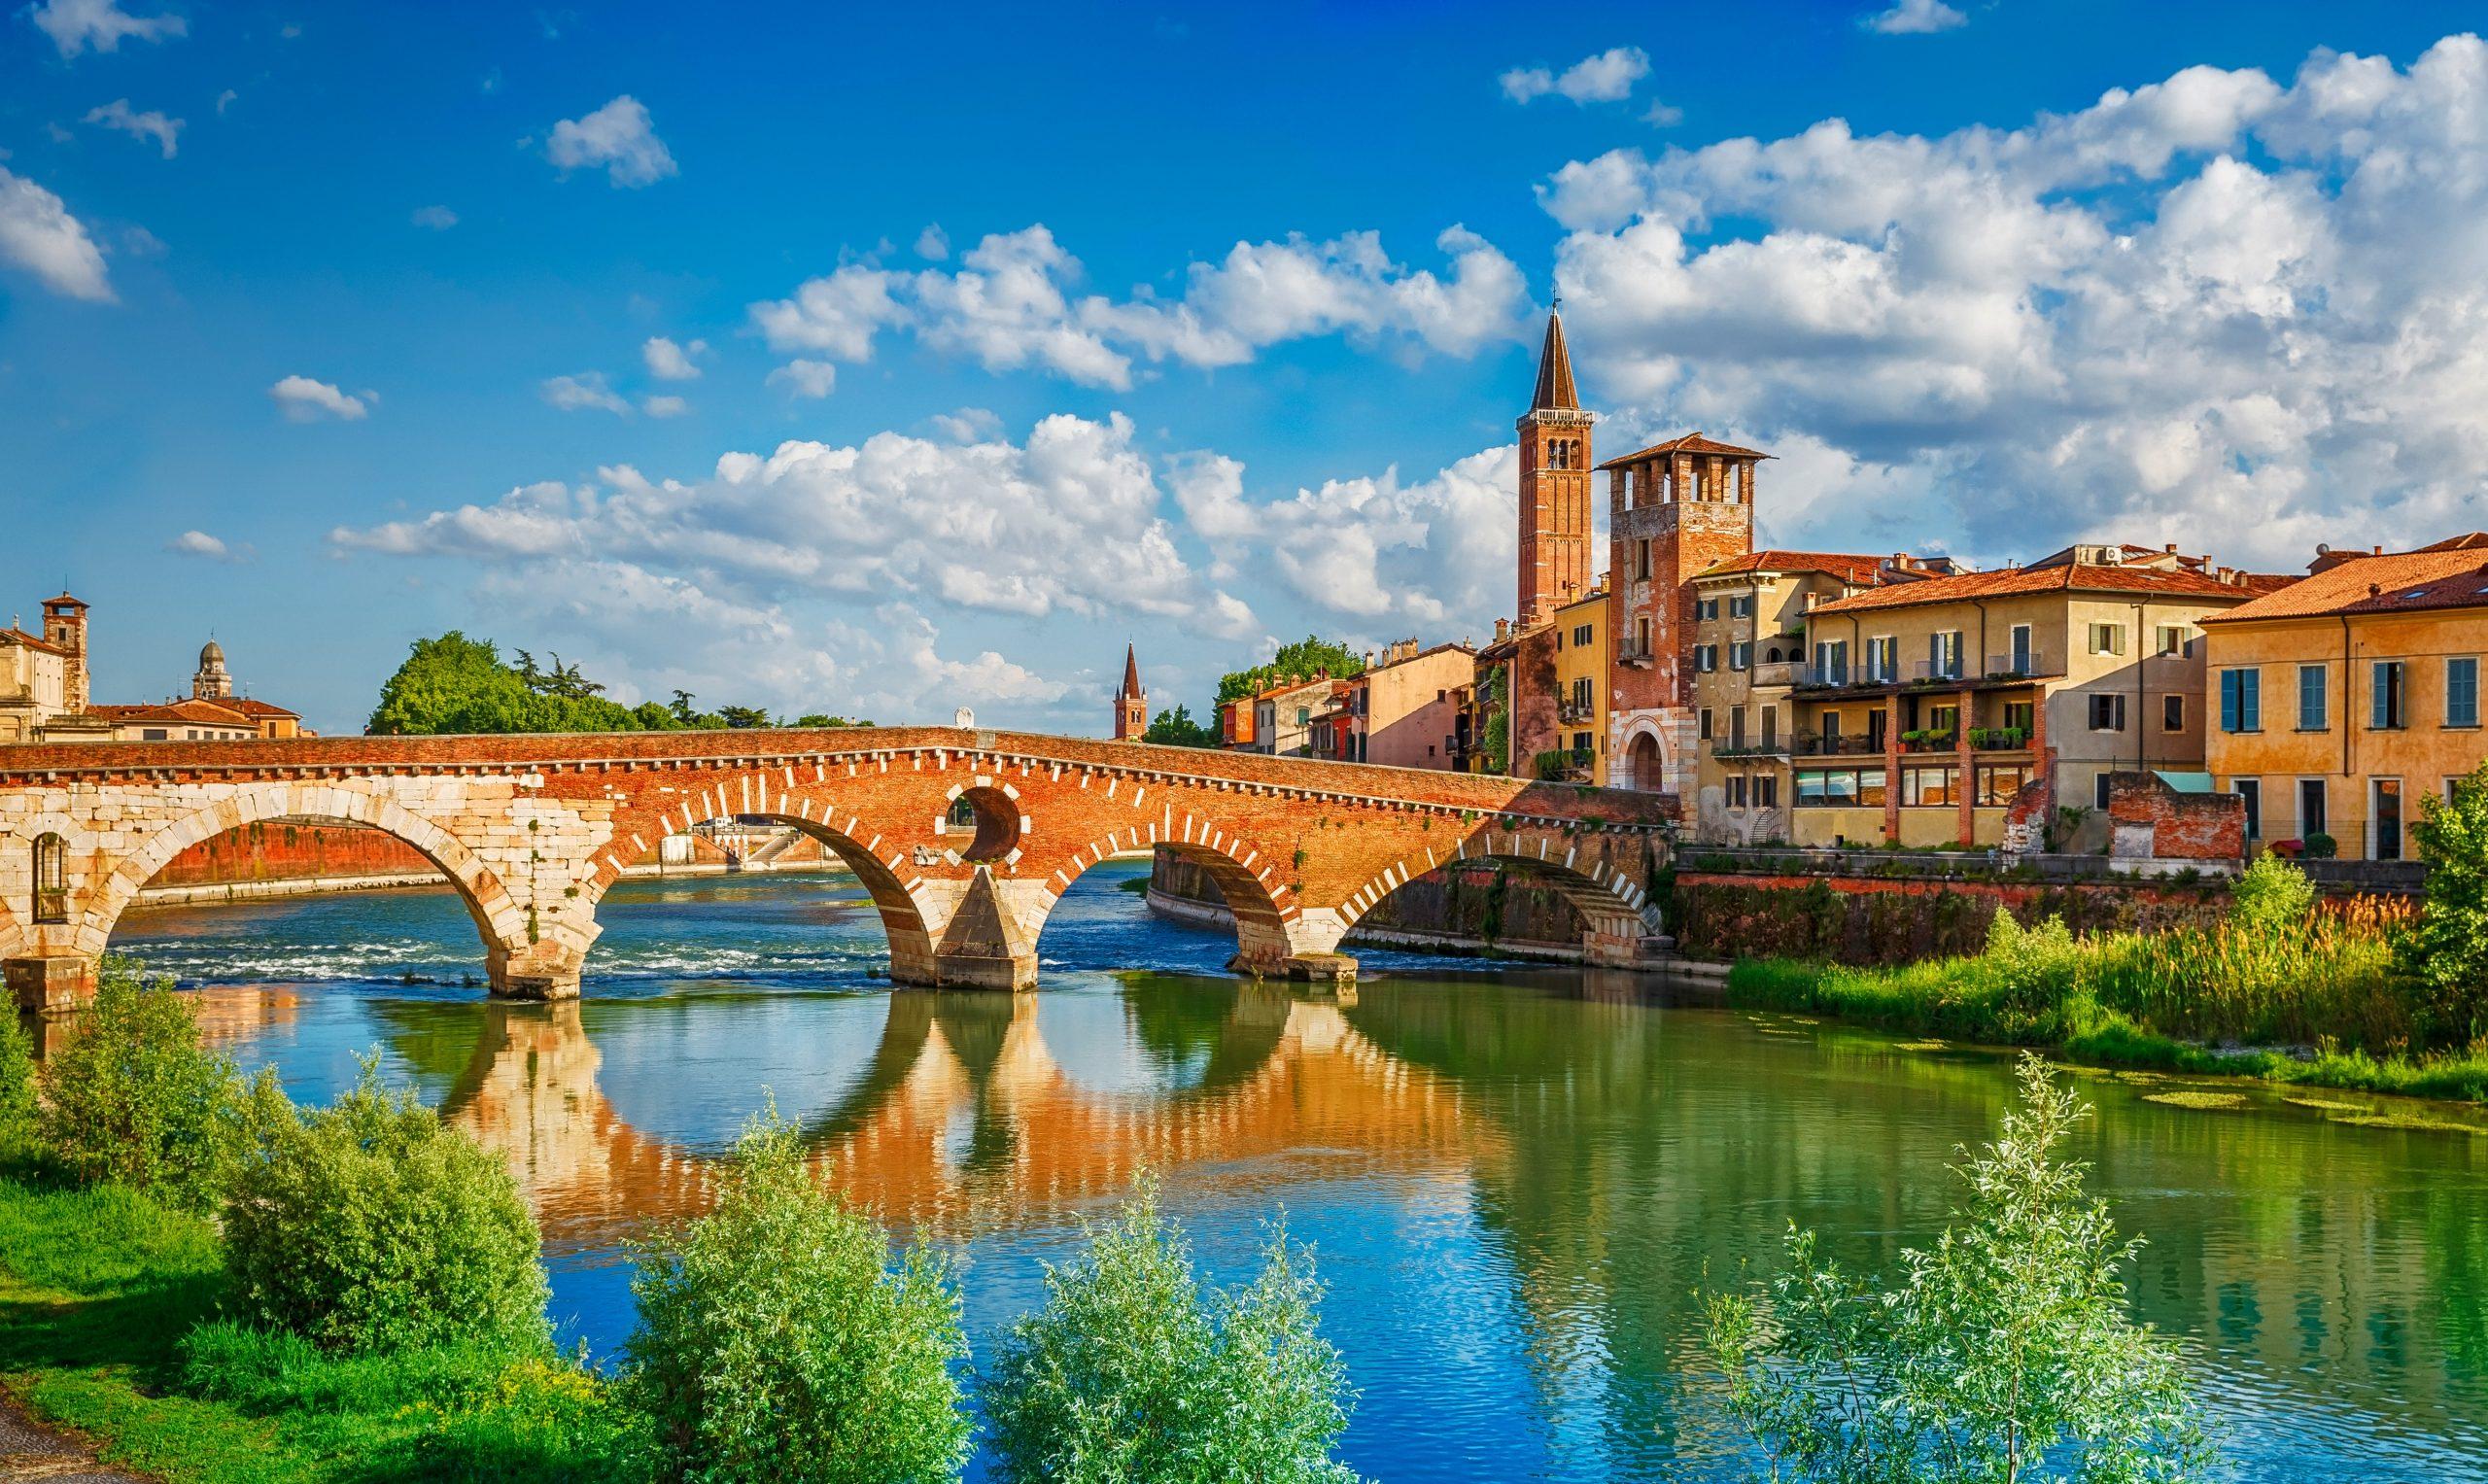 Panoramiczny widok na most Ponte Pietra w Weronie na rzece Adige. Region Veneto. Włochy, fot. shuttersotck.com